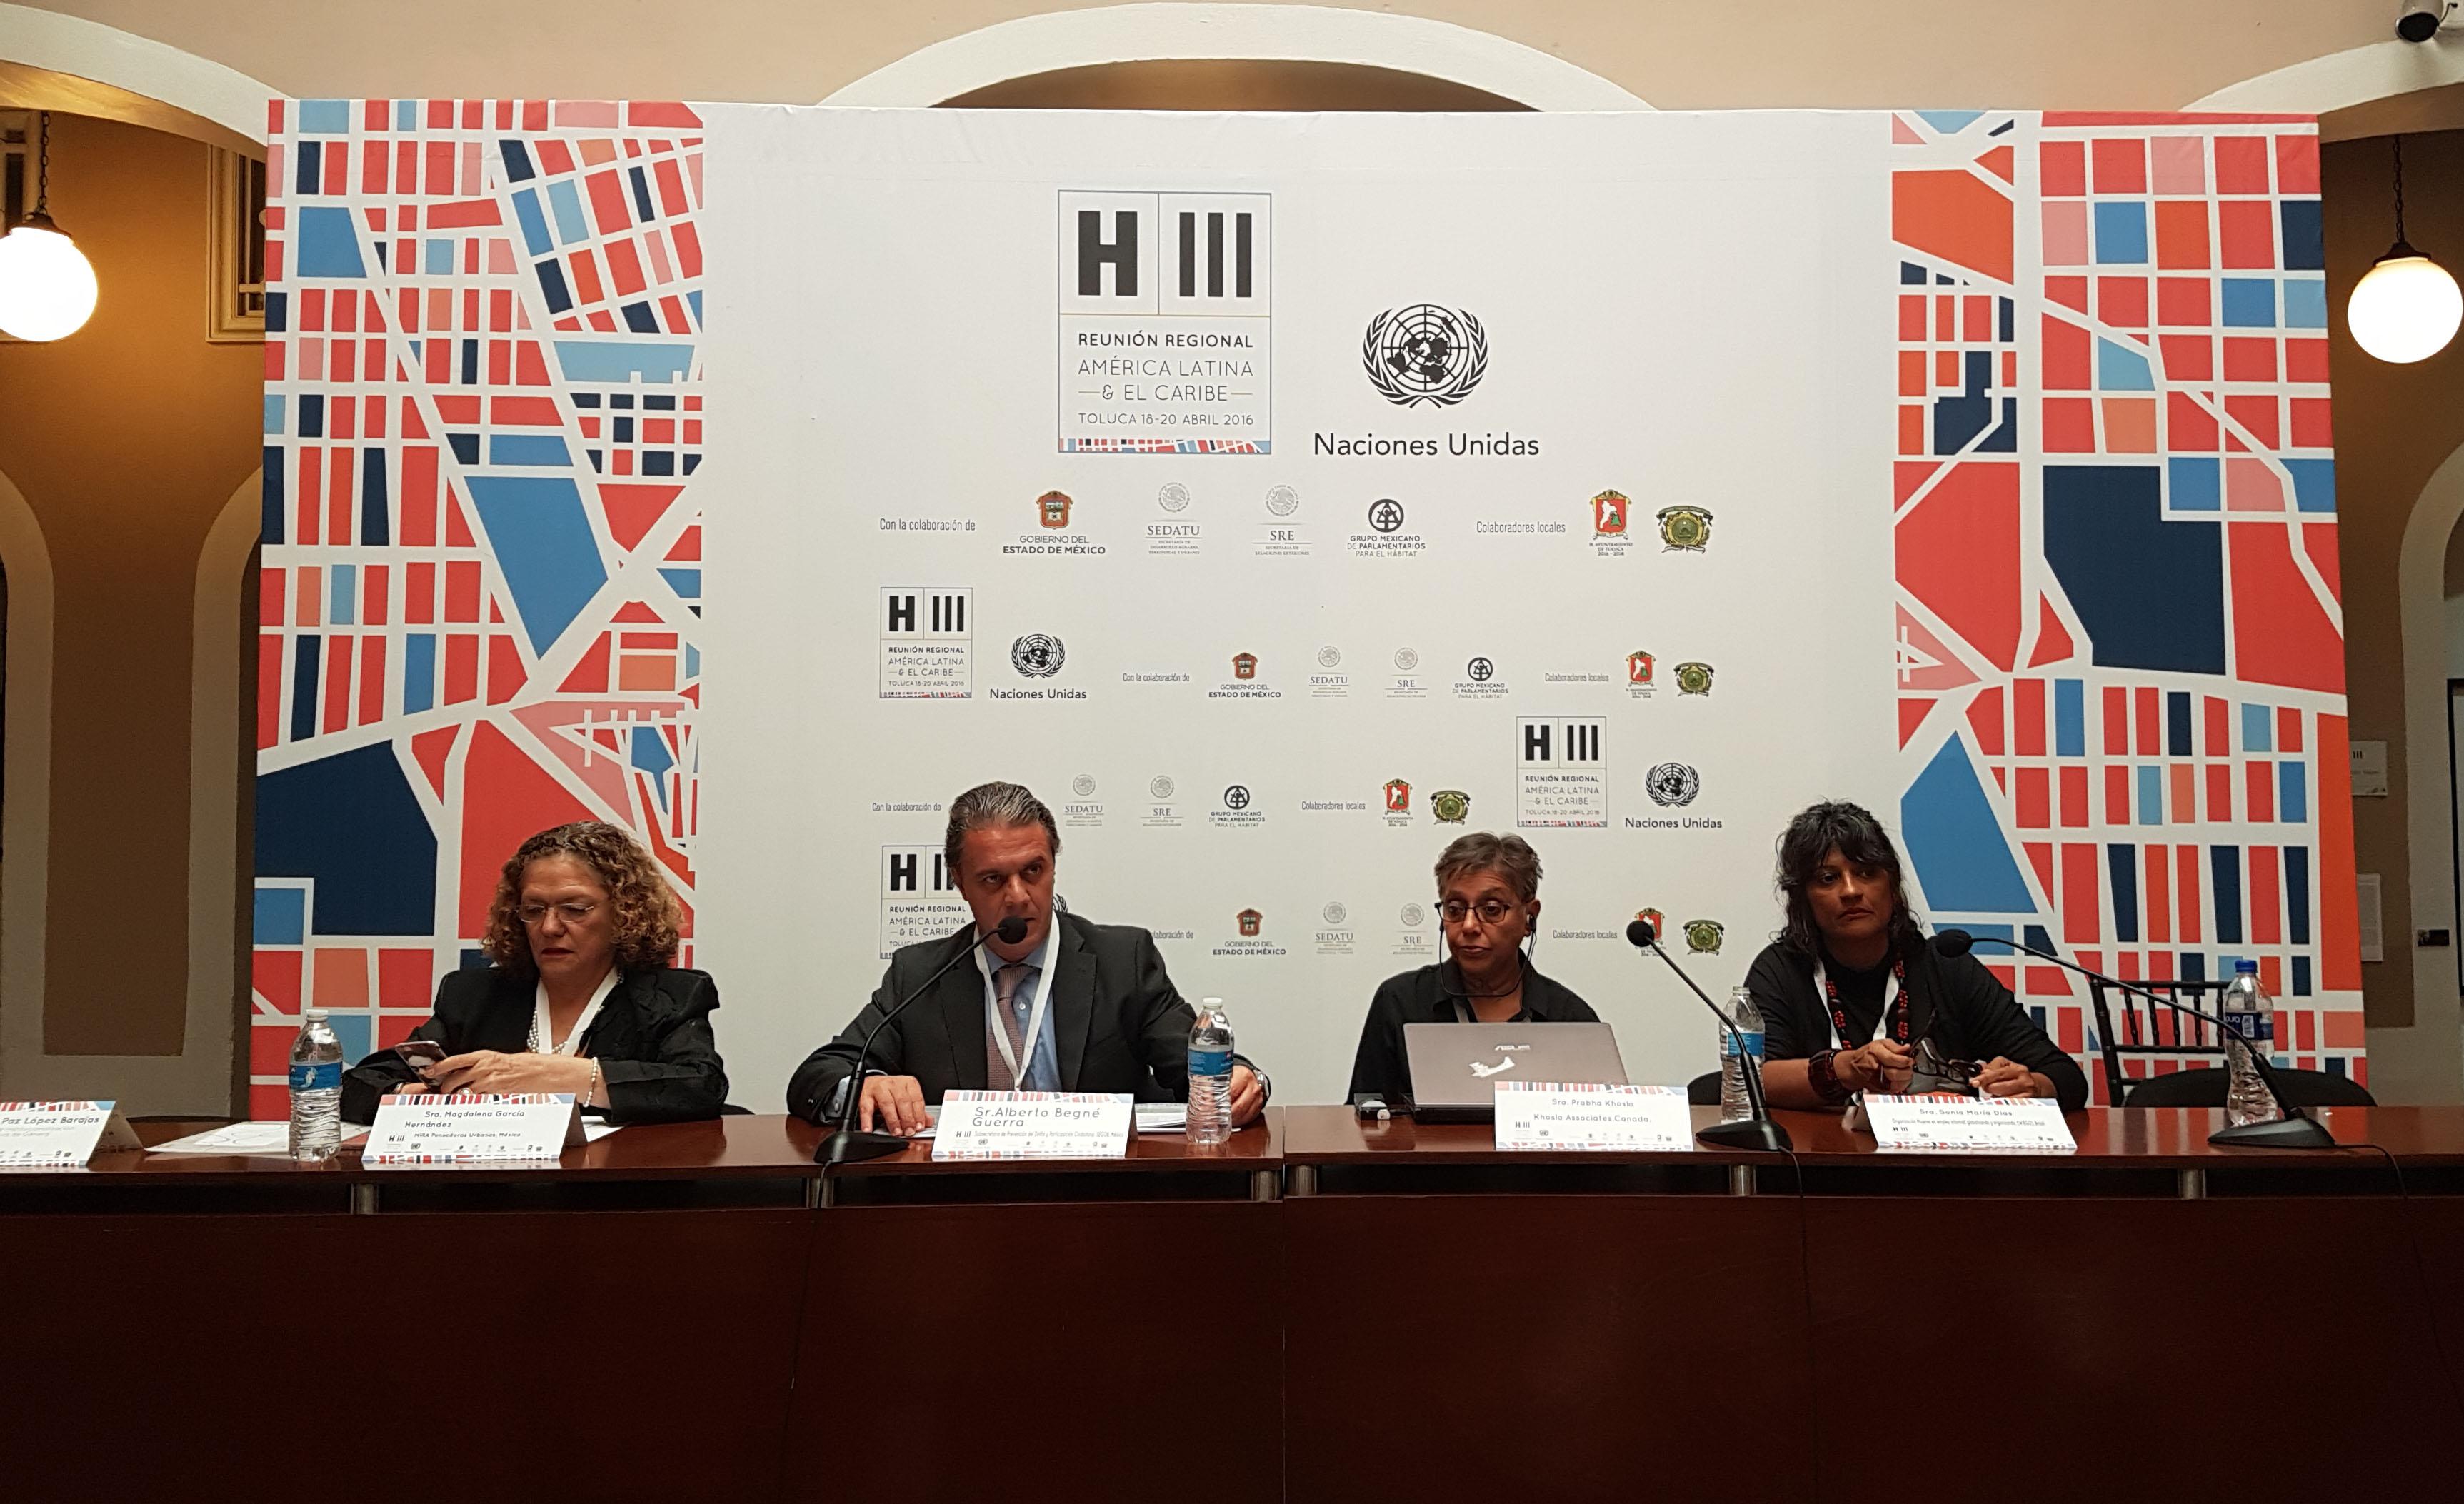 El subsecretario participó en reunión la regional de preparación para la conferencia de Naciones Unidas sobre Vivienda y Desarrollo Urbano Sustentable (Hábitat III)